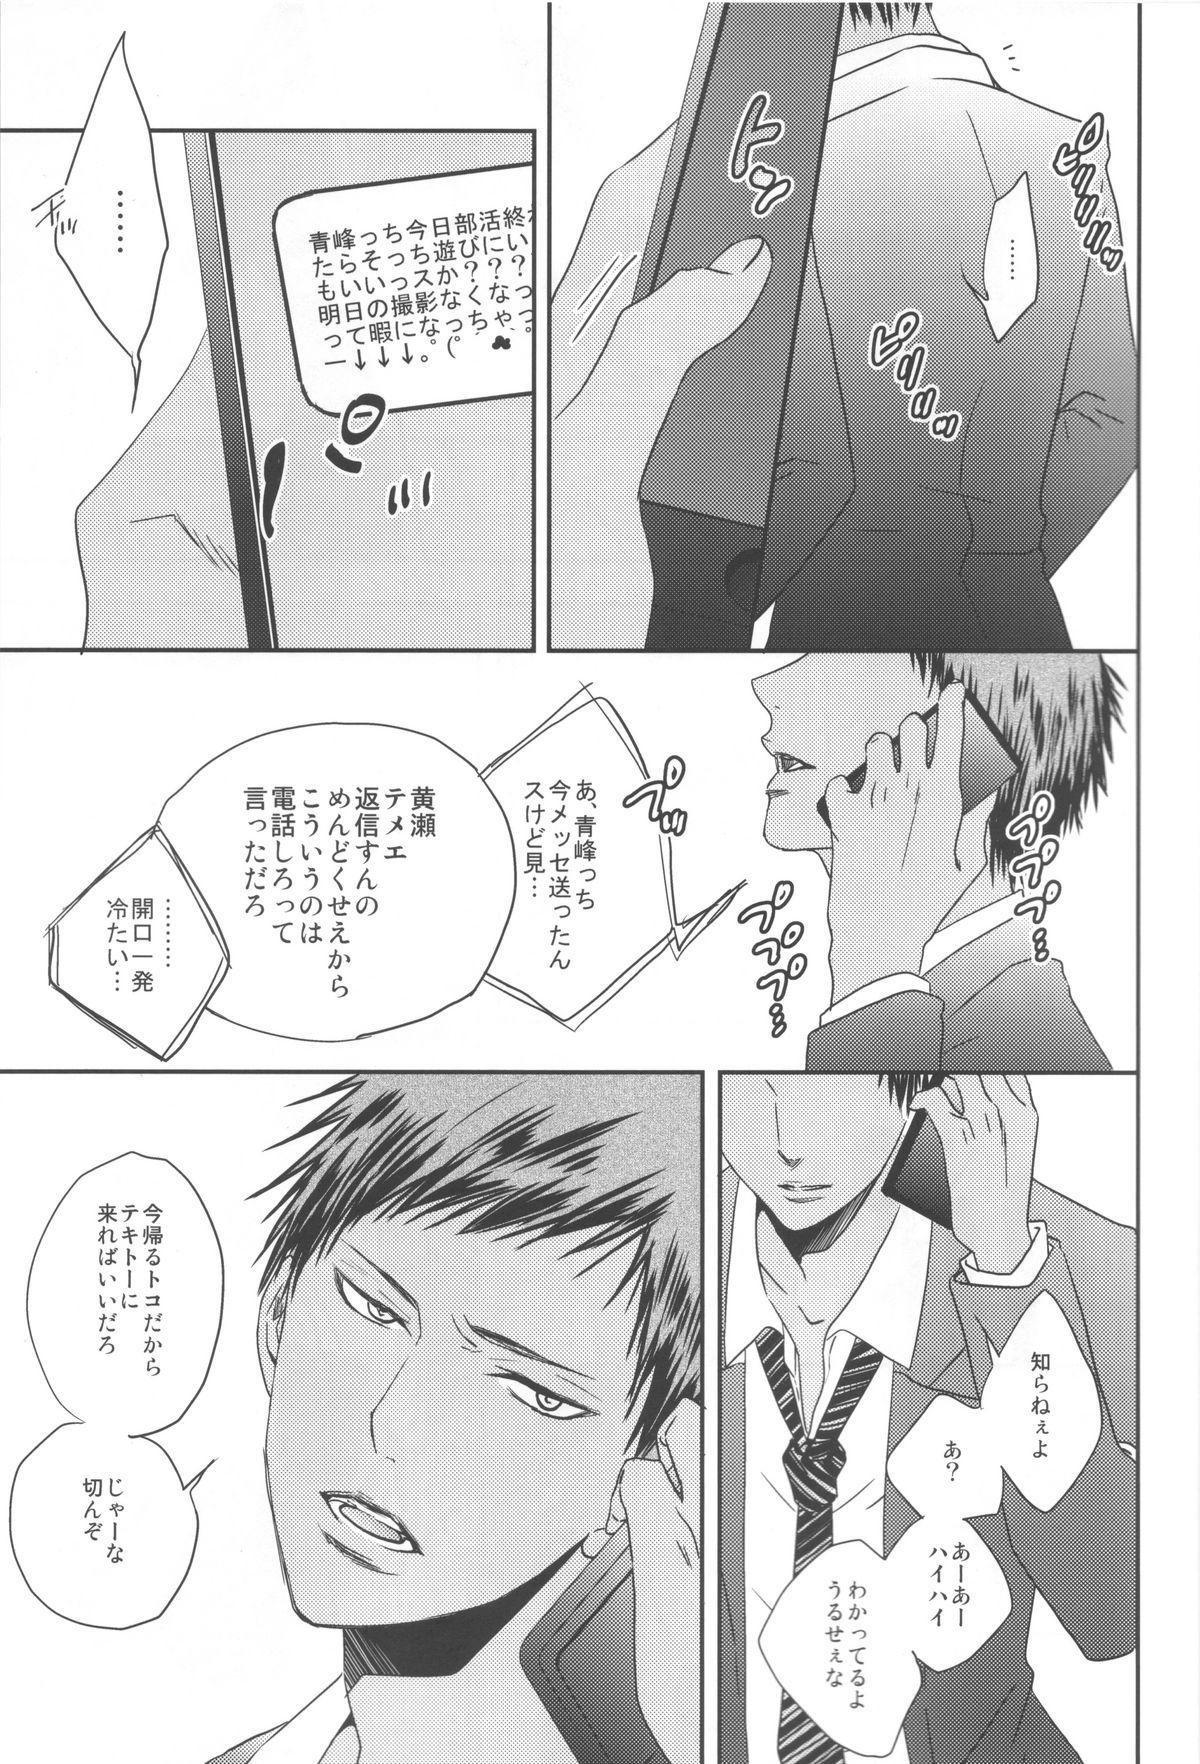 Nakayoshissu! 3